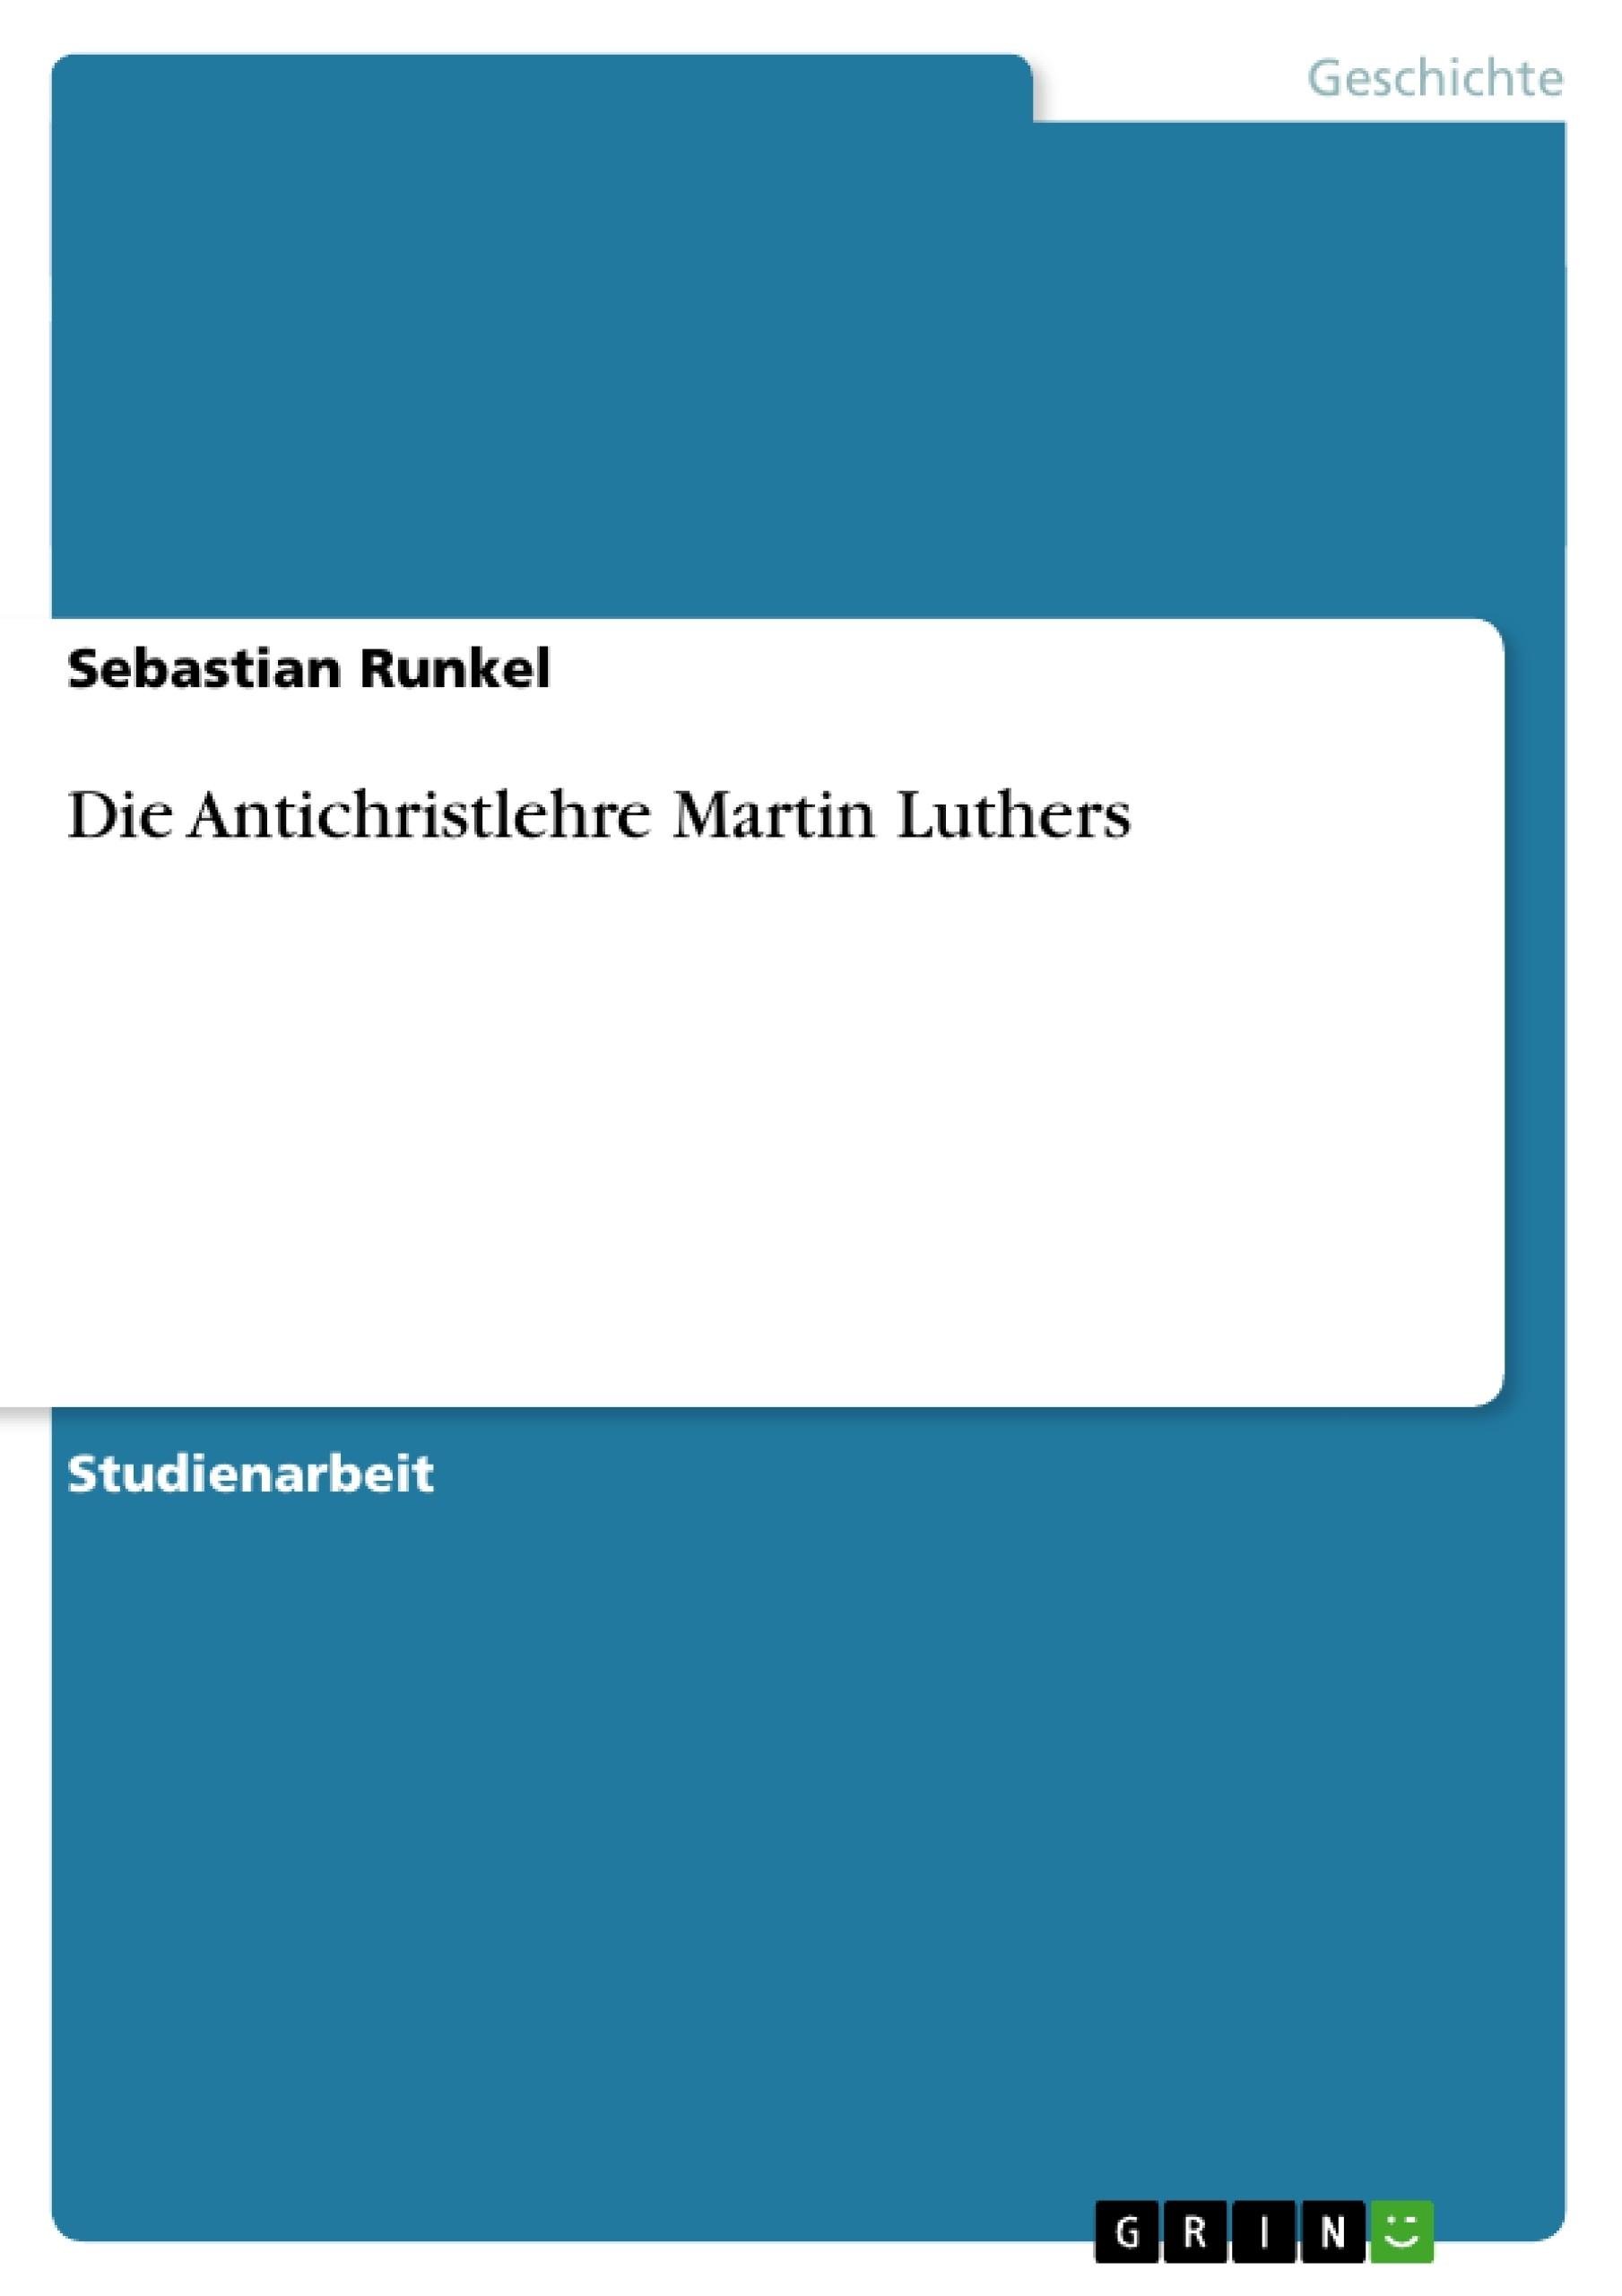 Titel: Die Antichristlehre Martin Luthers